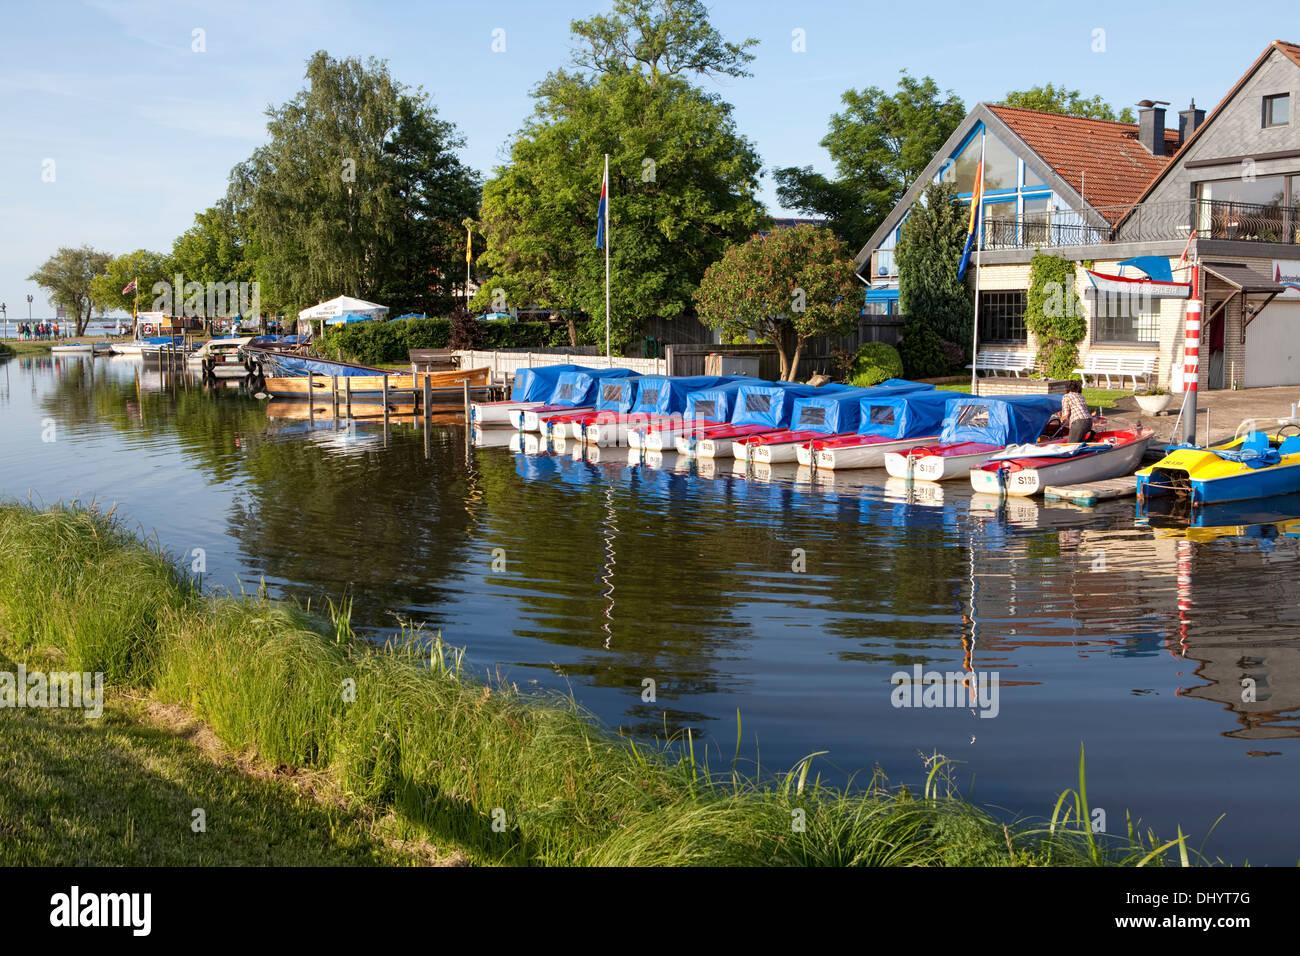 Steinhuder Meer Nature Park, Steinhude Sea, Steinhude, Wunstorf, Lower Saxony, Germany, Europe, Stock Photo